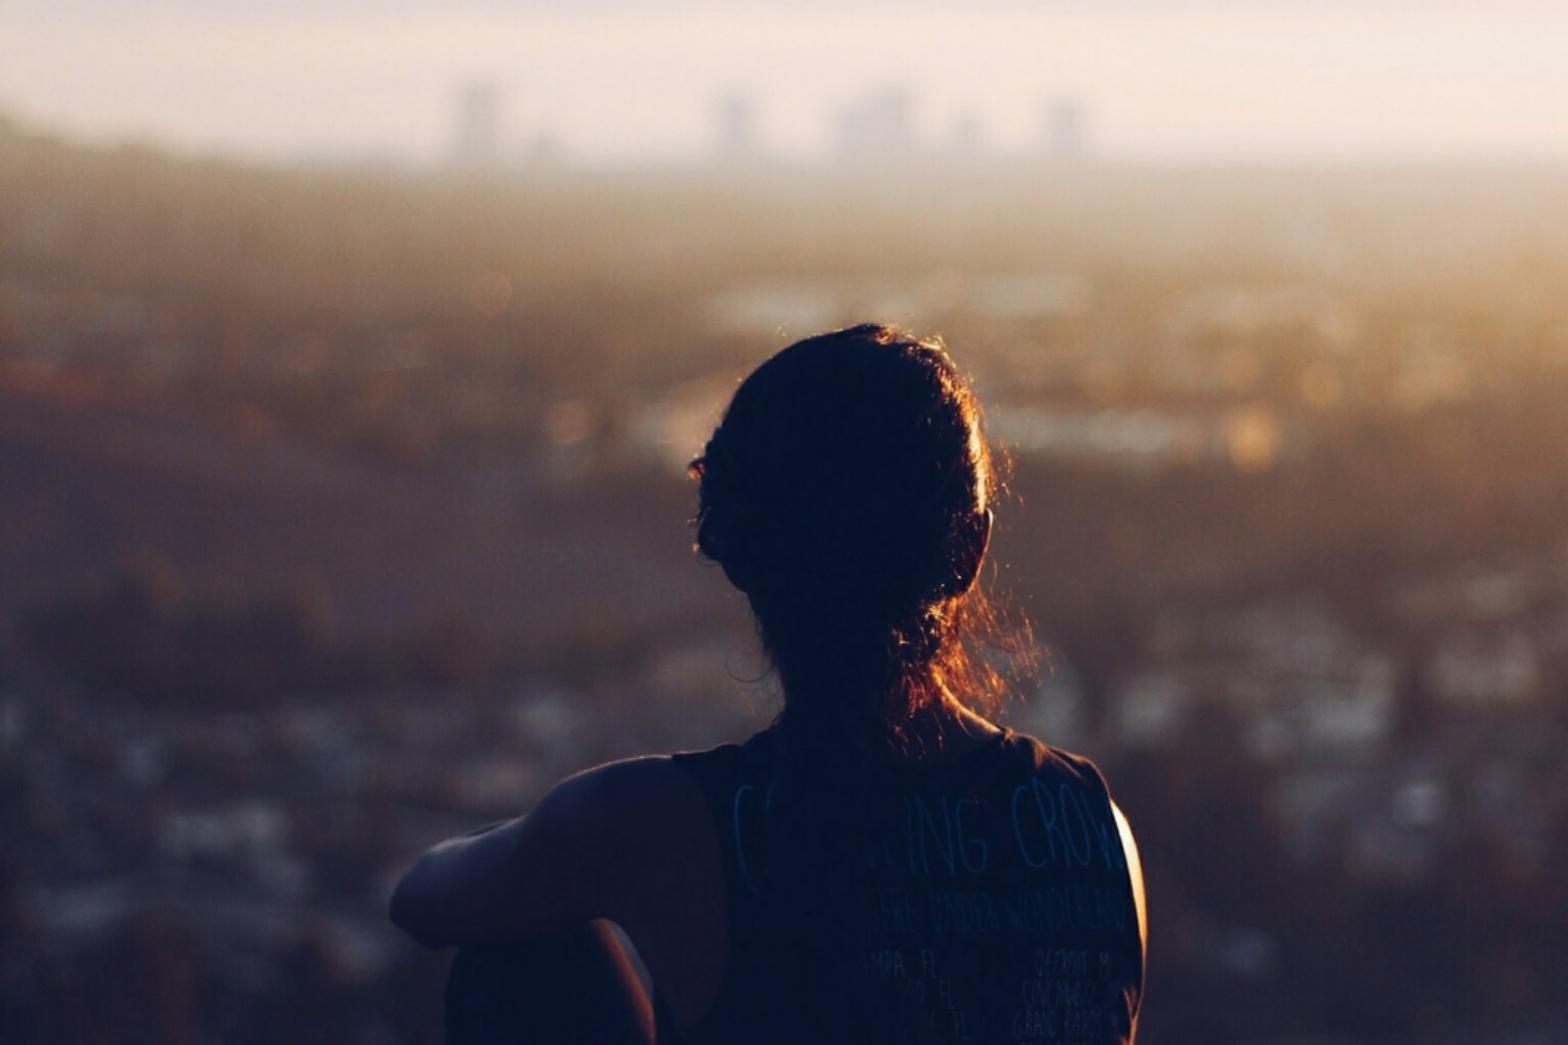 Pele e Menopausa: o que acontece afinal?